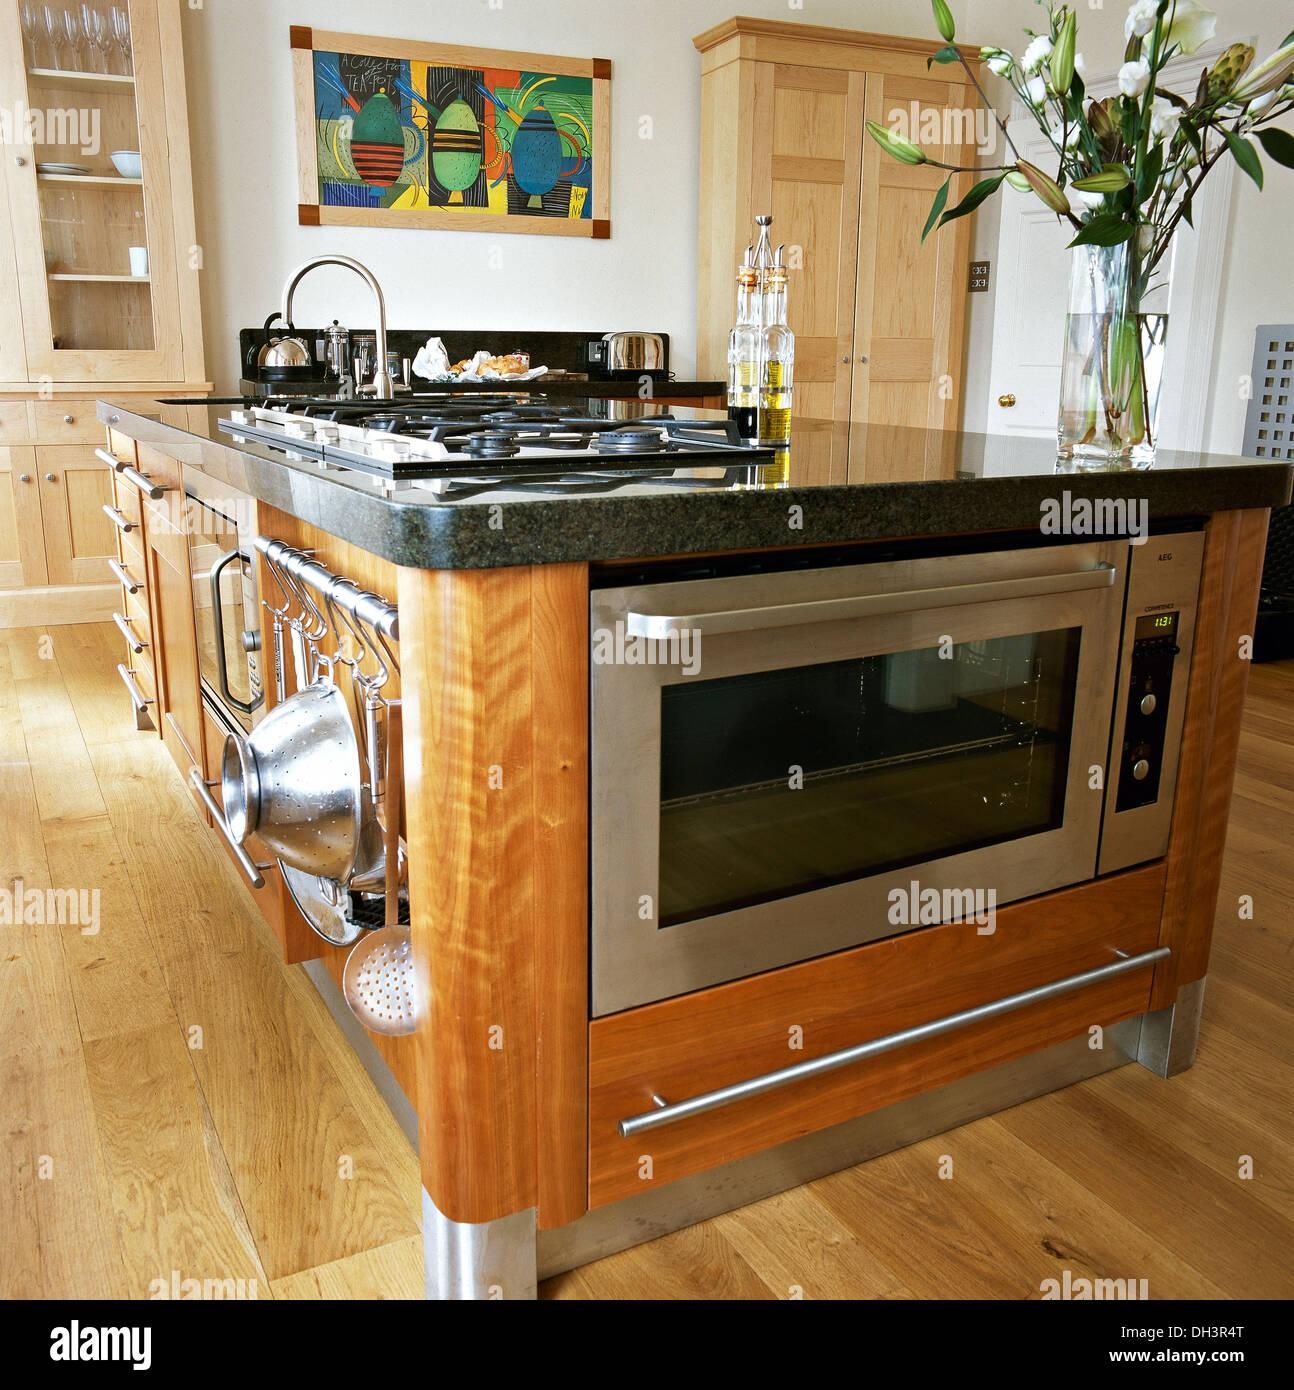 Edelstahl Ofen Und Integral Kochfeld In Kochinsel Einheit In Der Modernen  Küche Mit Holzboden Stockbild